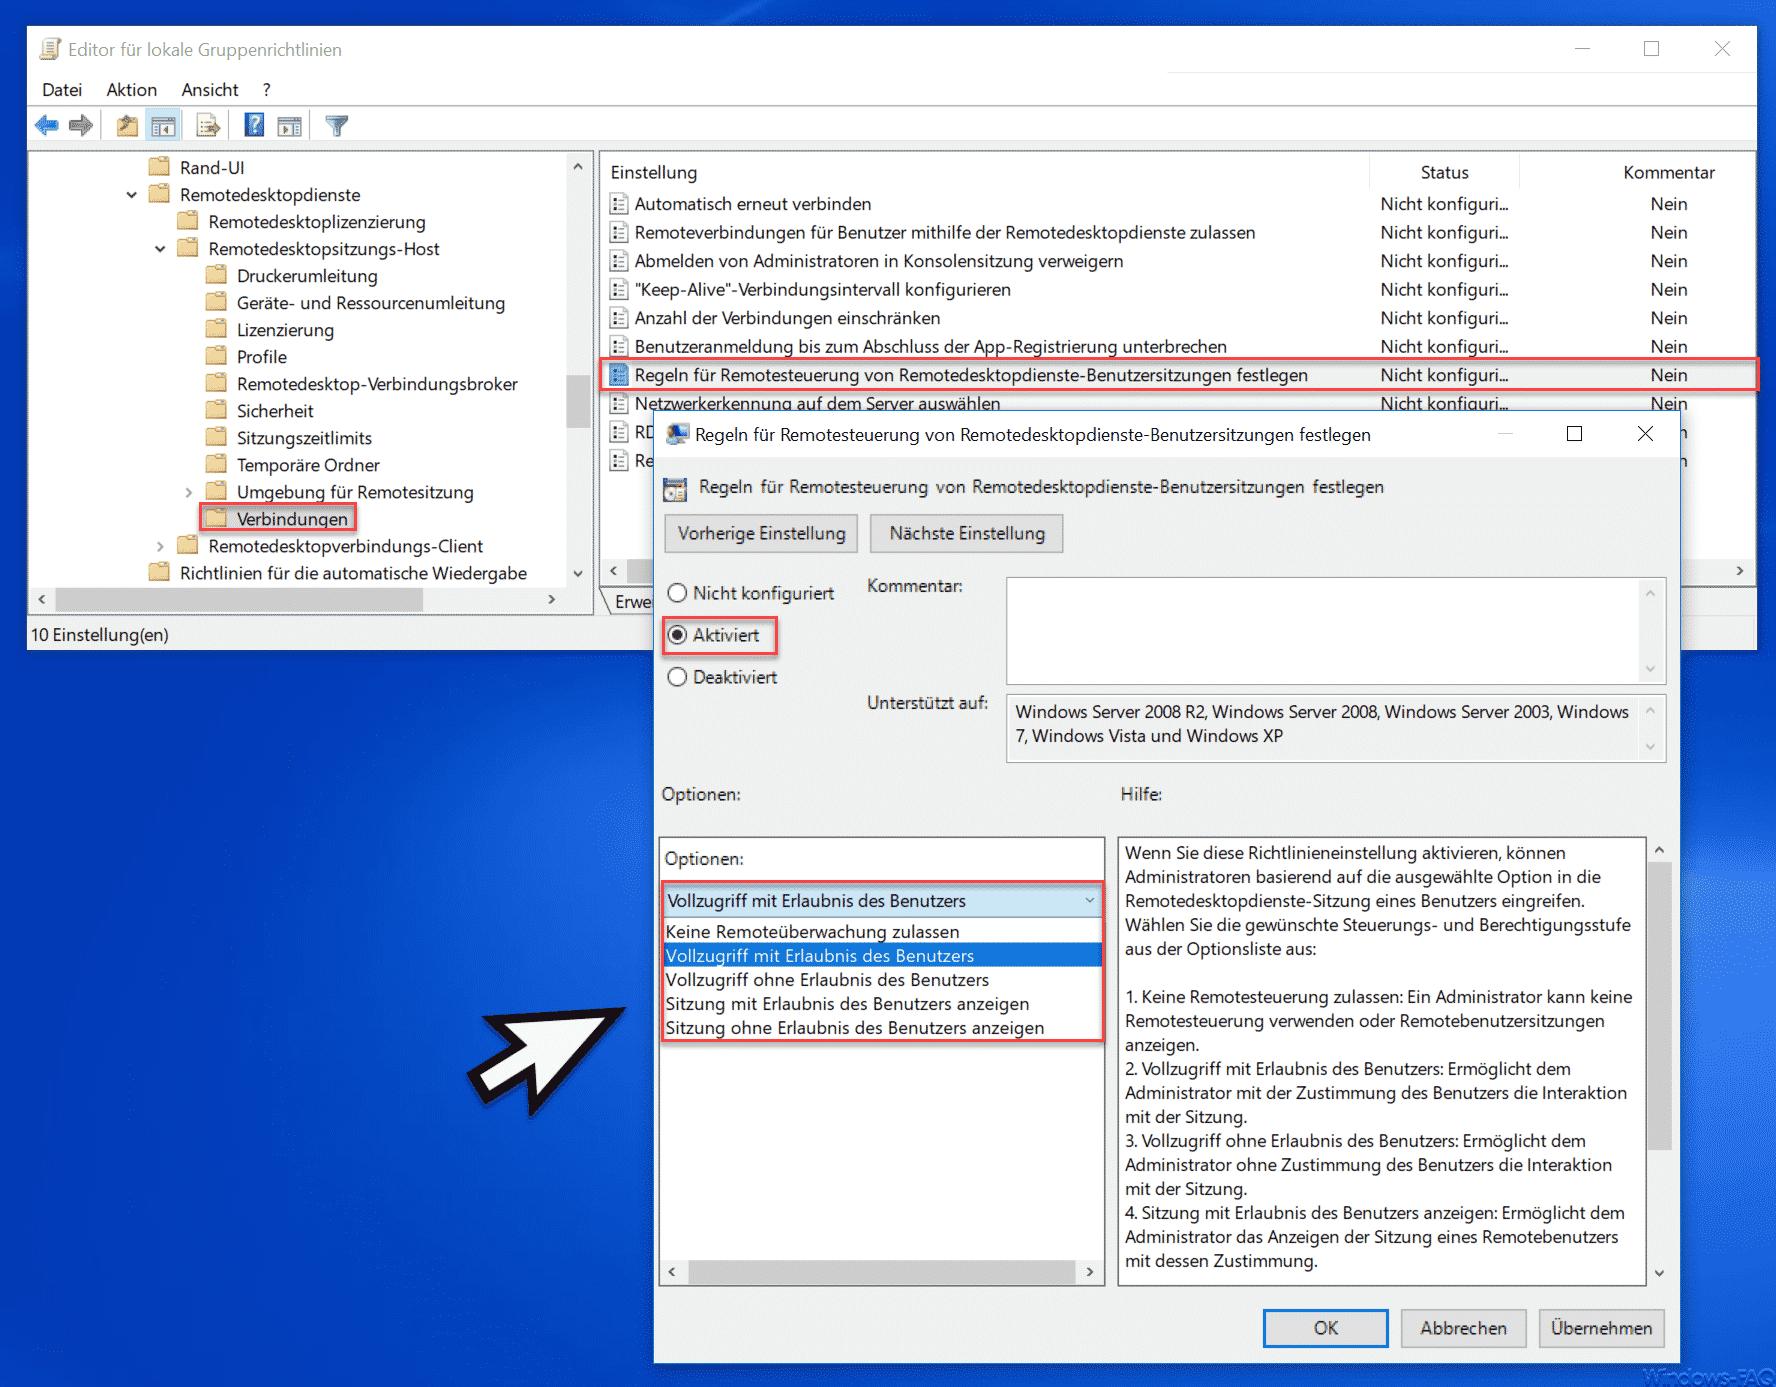 Regeln für Remotesteuerung von Remotedesktopdienste-Benutzersitzungen festlegen